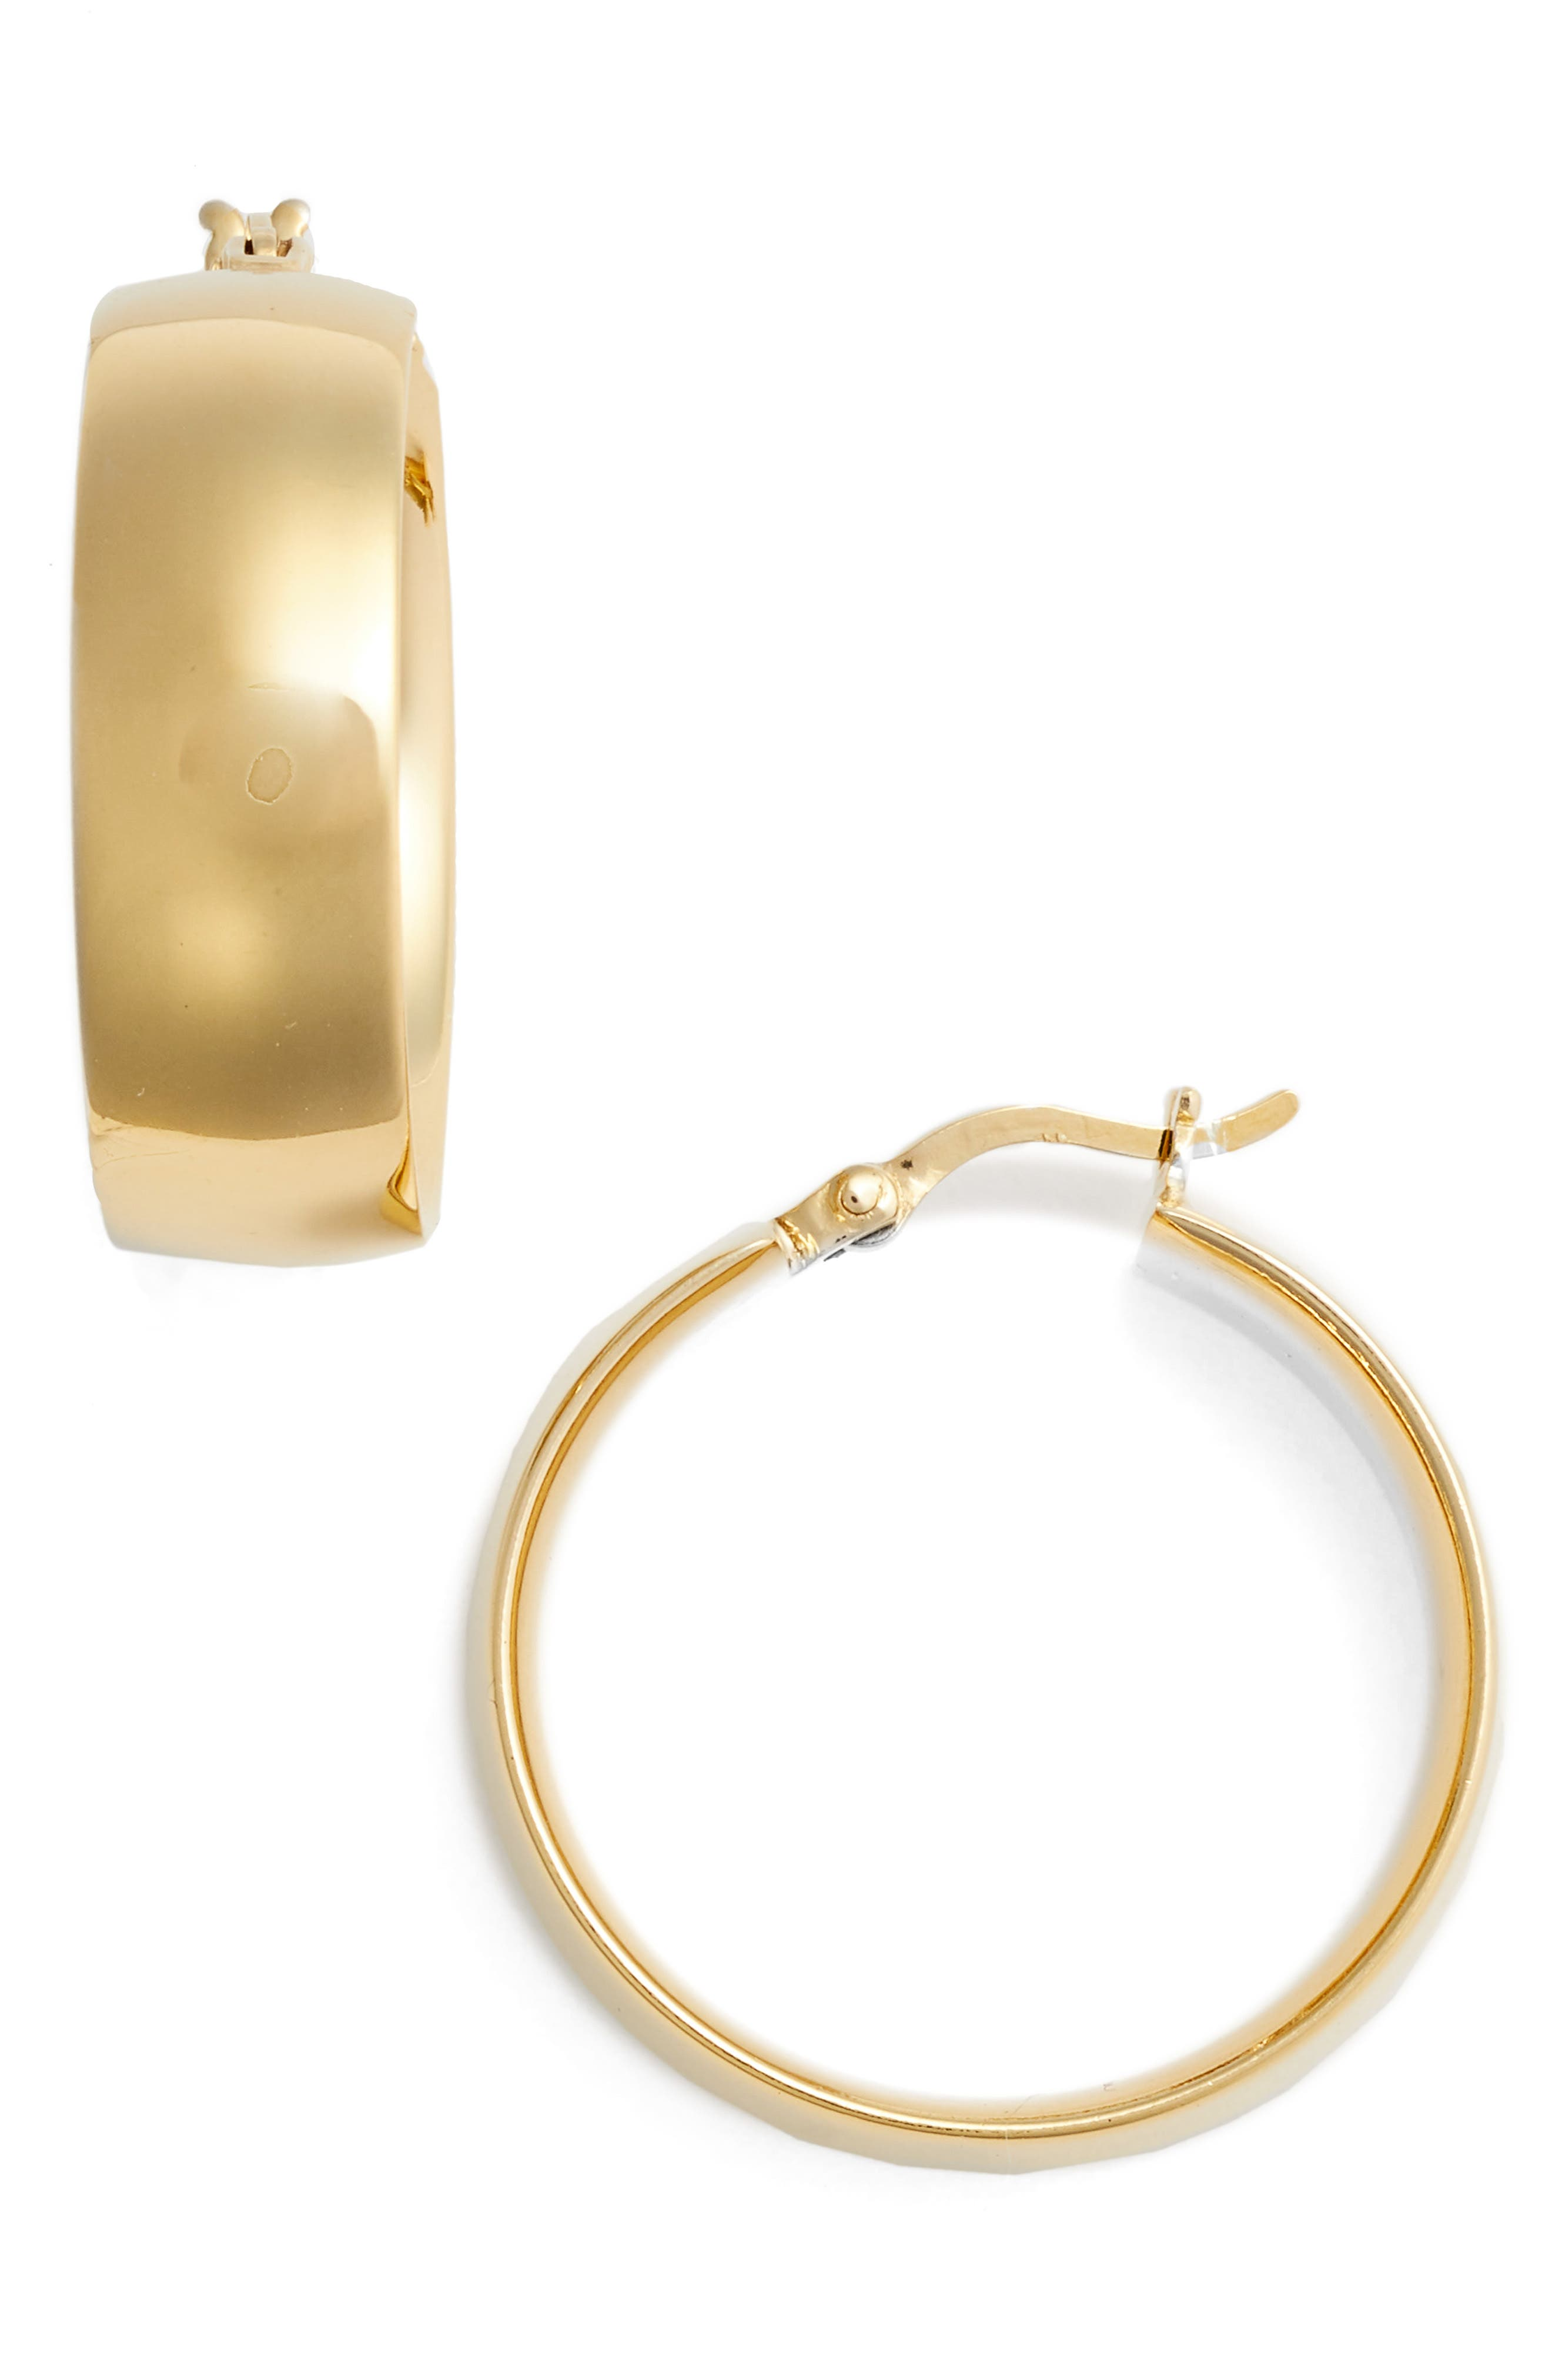 ARGENTO VIVO, Flat Edge Hoop Earrings, Main thumbnail 1, color, GOLD